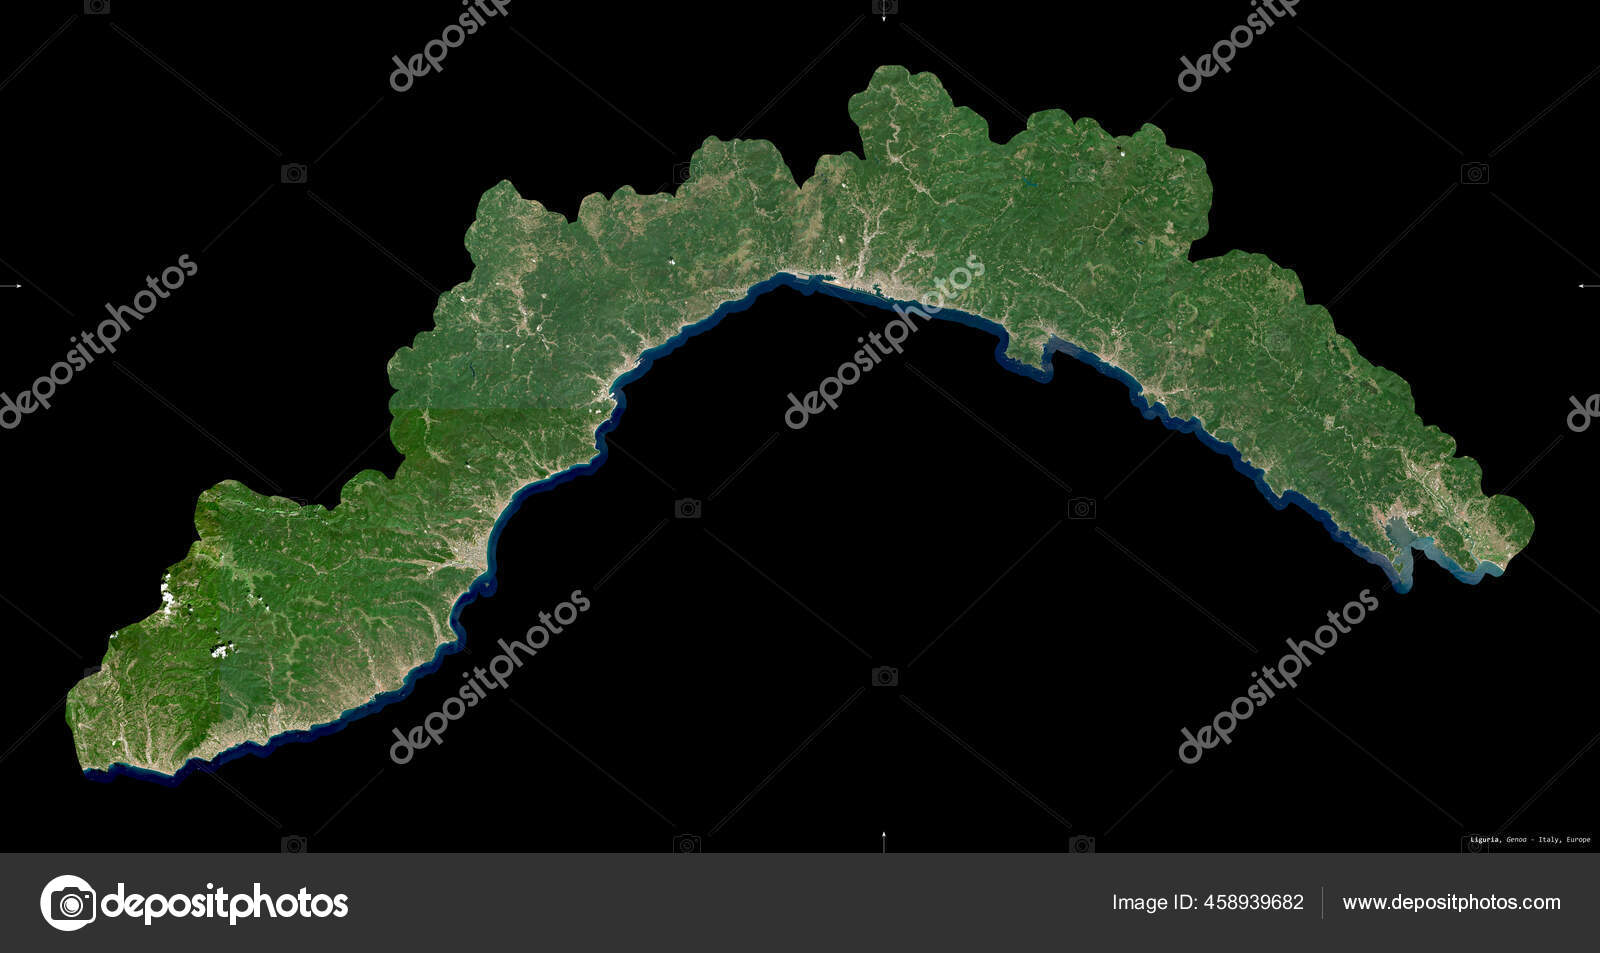 Regione Liguria Cartina Fisica.Foto Liguria Cartina Immagini Liguria Cartina Da Scaricare Foto Stock Depositphotos